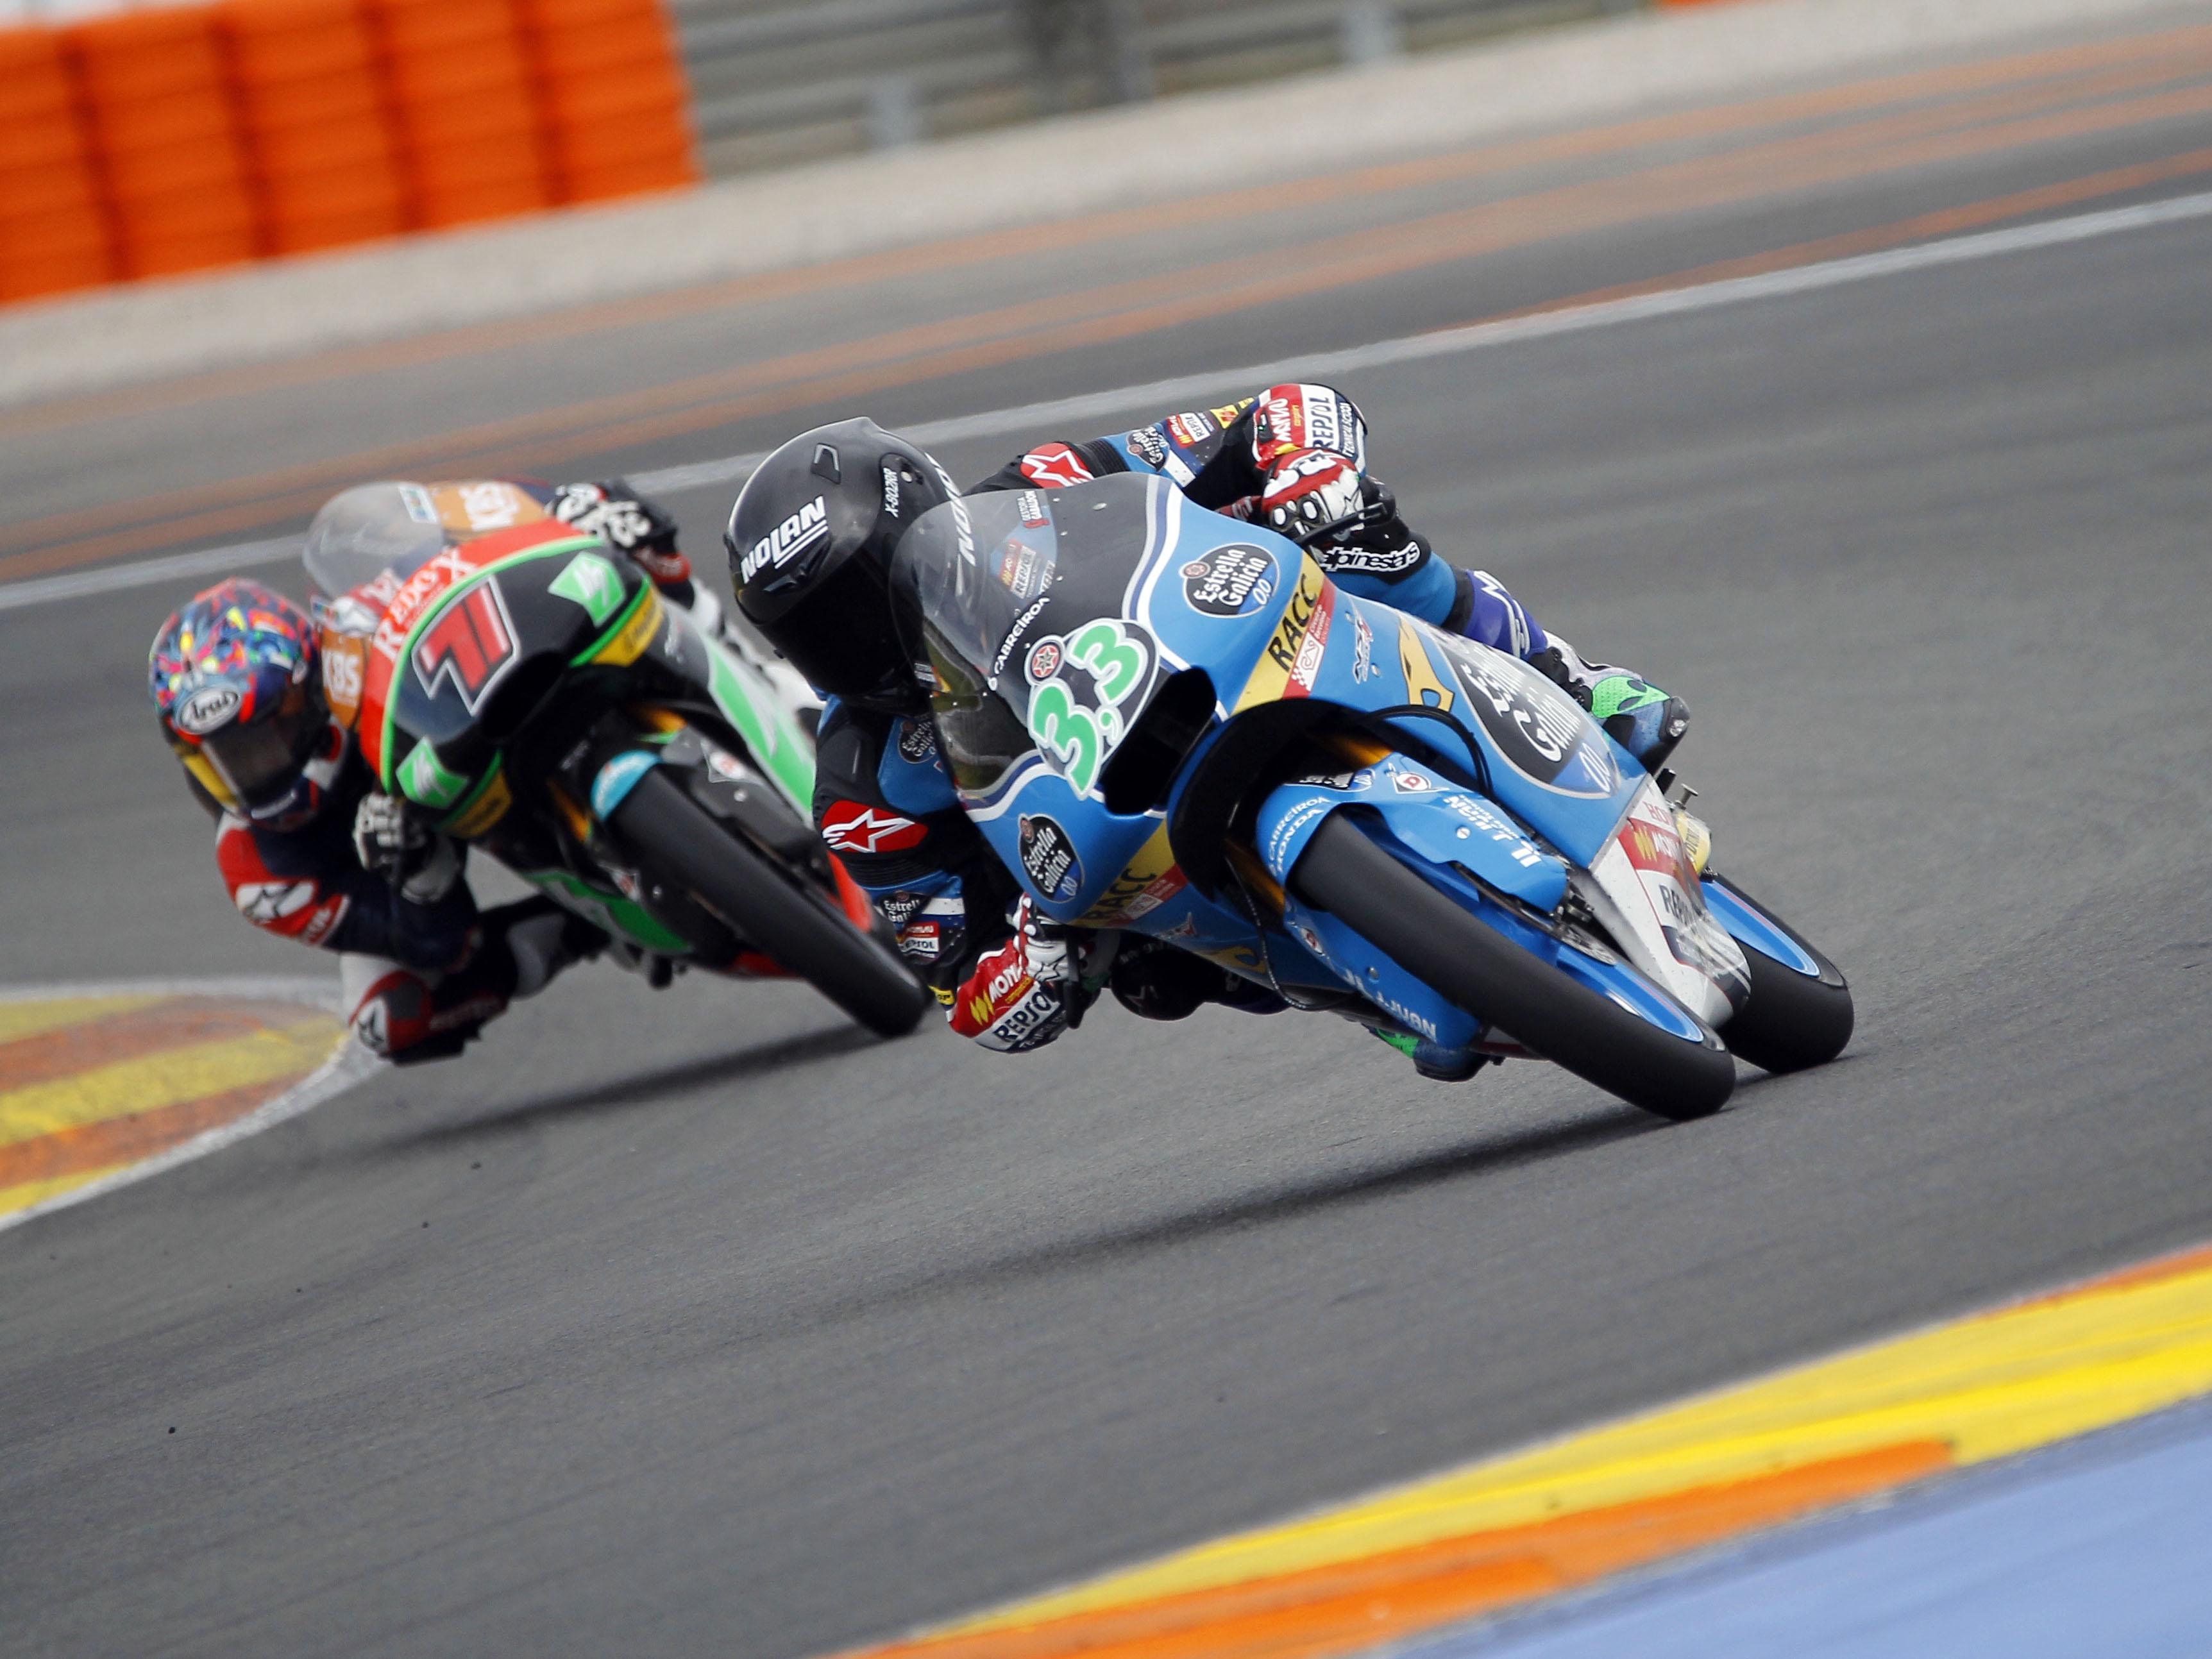 Los tiempos del test de Valencia de Moto2 y Moto3